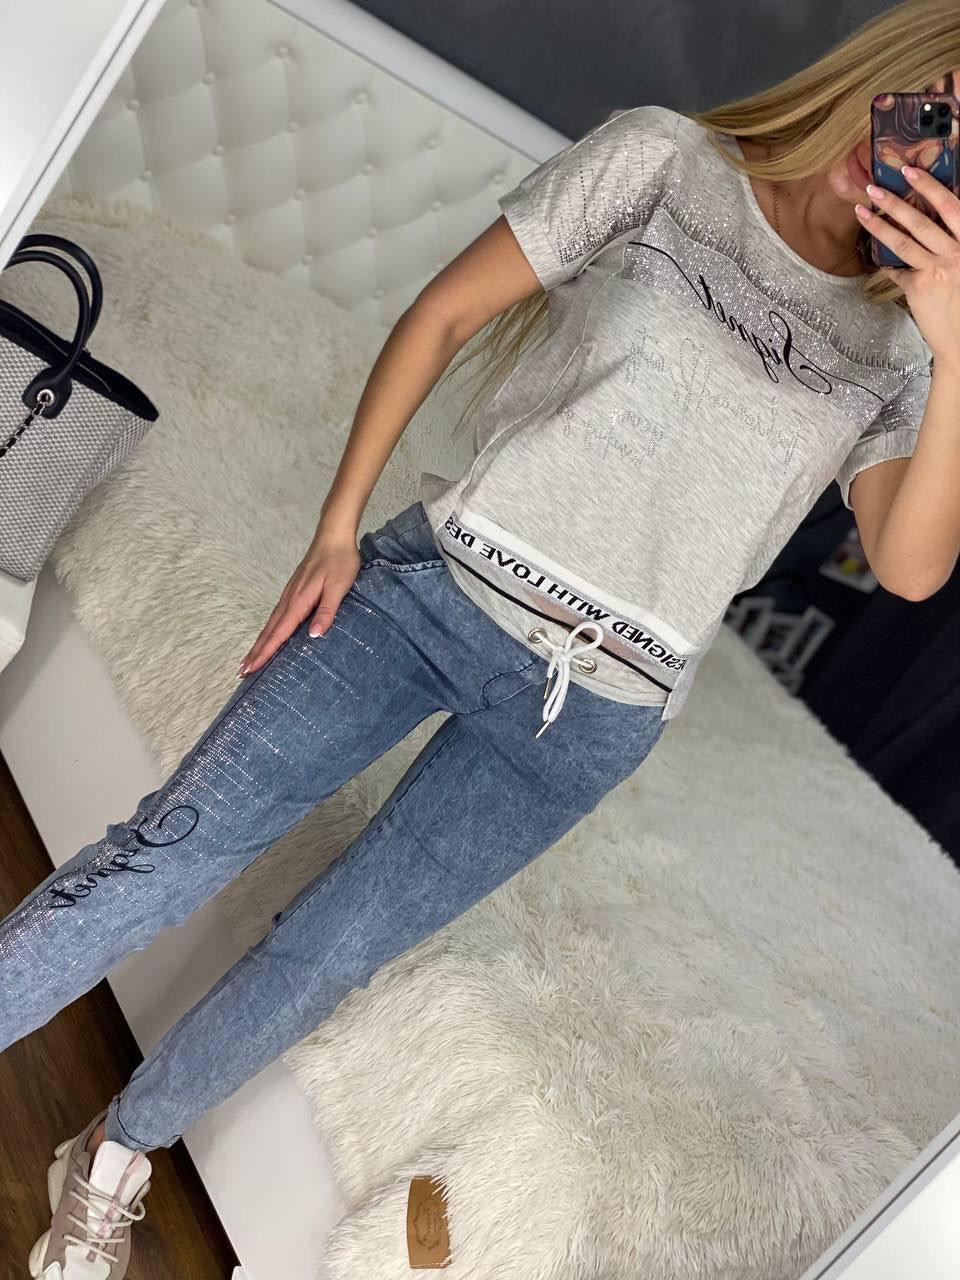 Жіночий літній костюм *Печатка* з джинсами ,(Туреччина); розм 50,52,54,56 (наші розміри)